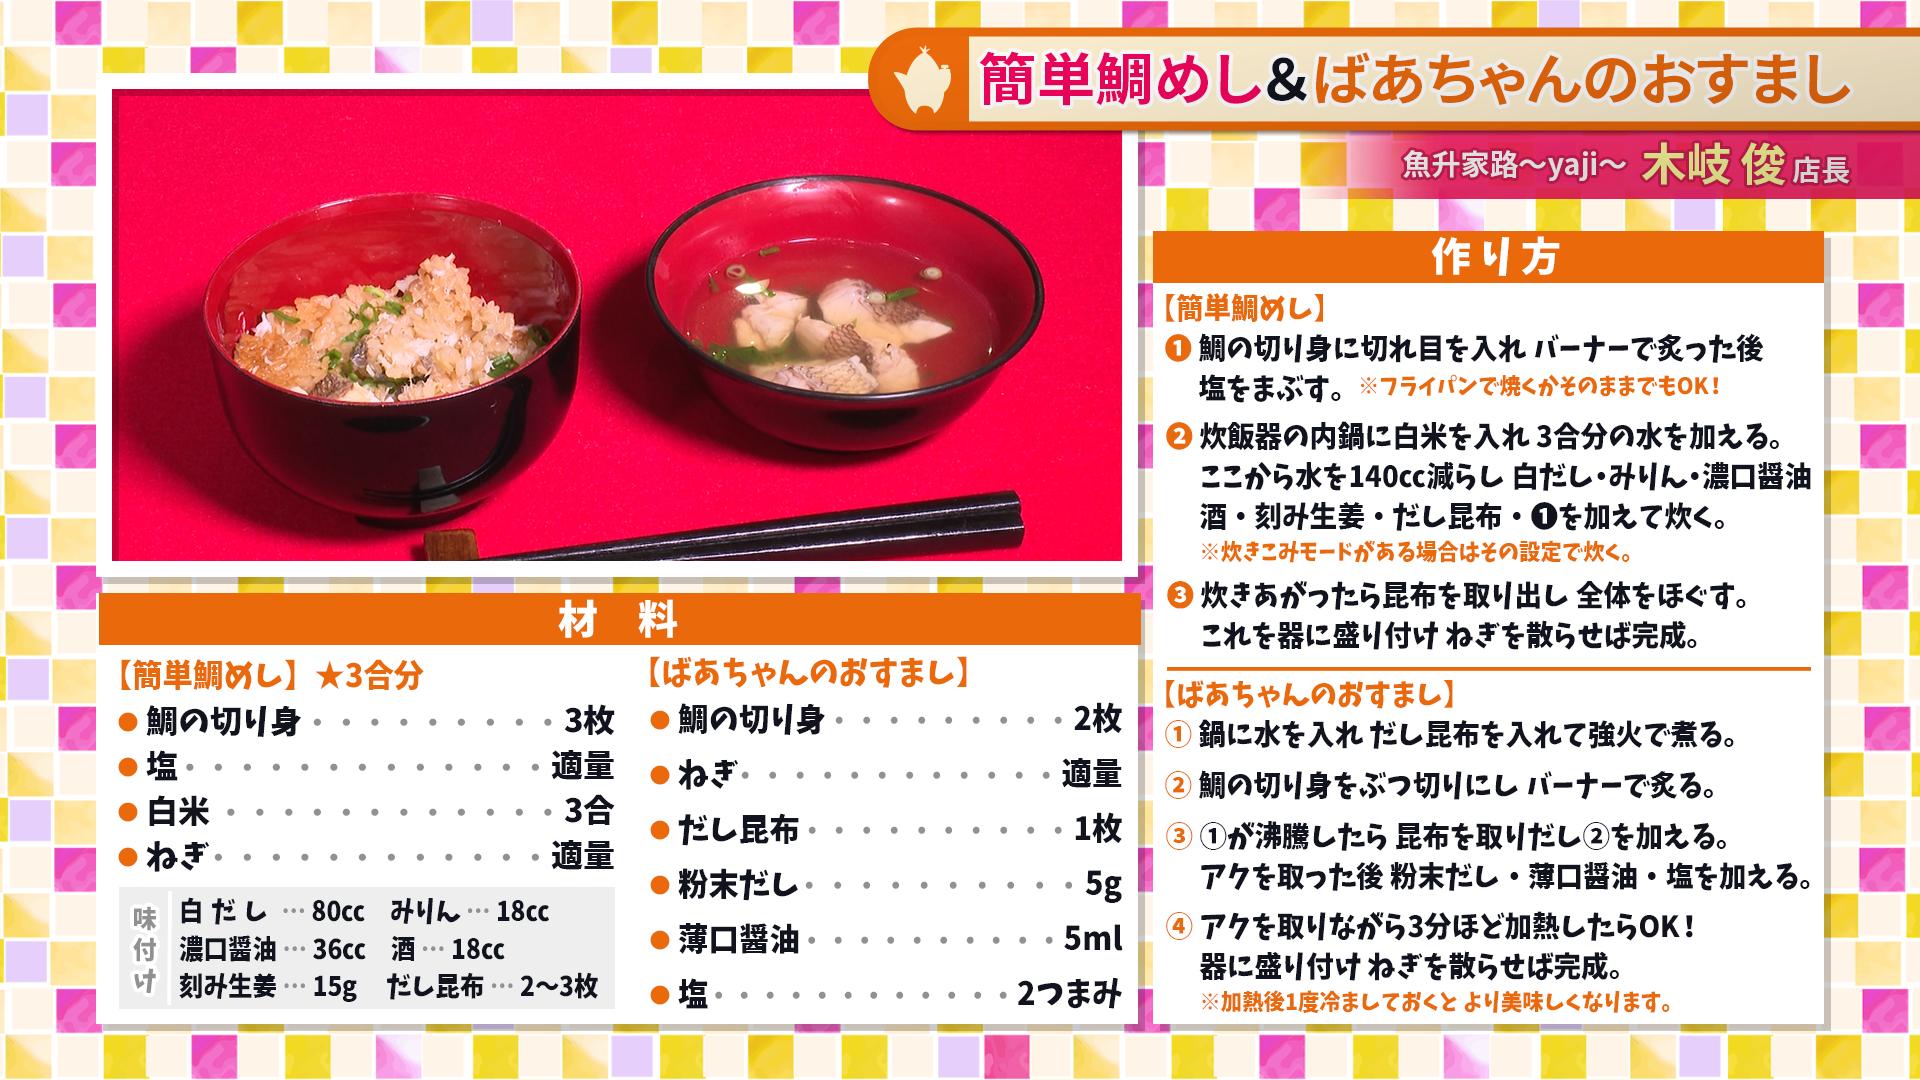 たけナビ『簡単鯛めし&ばあちゃんのおすまし』レシピ(5/11初回放送)